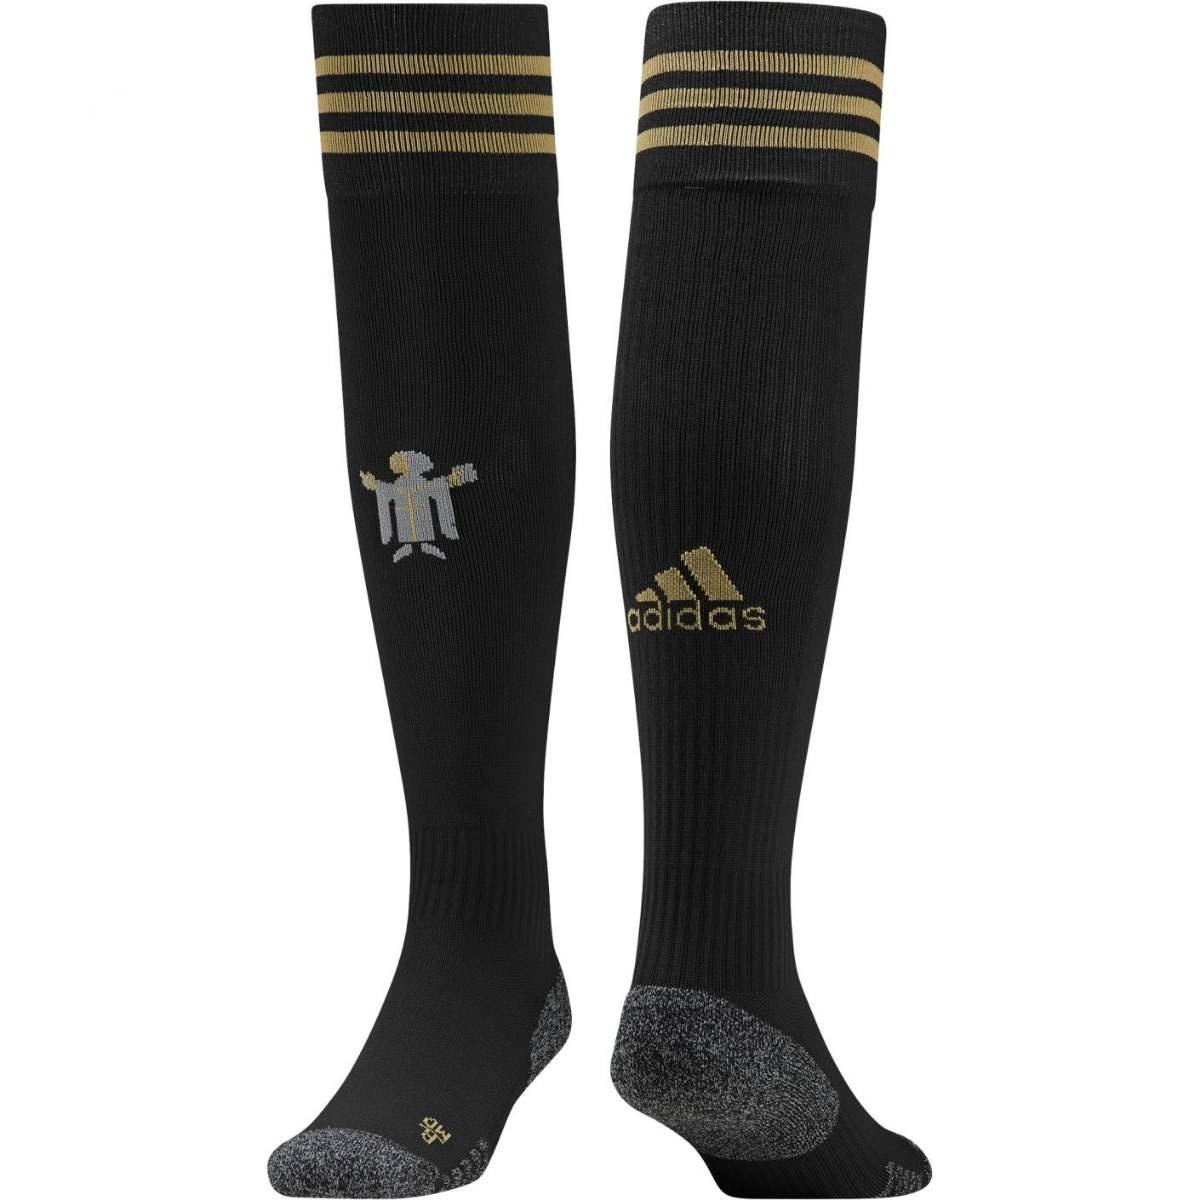 Adidas Bayern Munich Away Sock